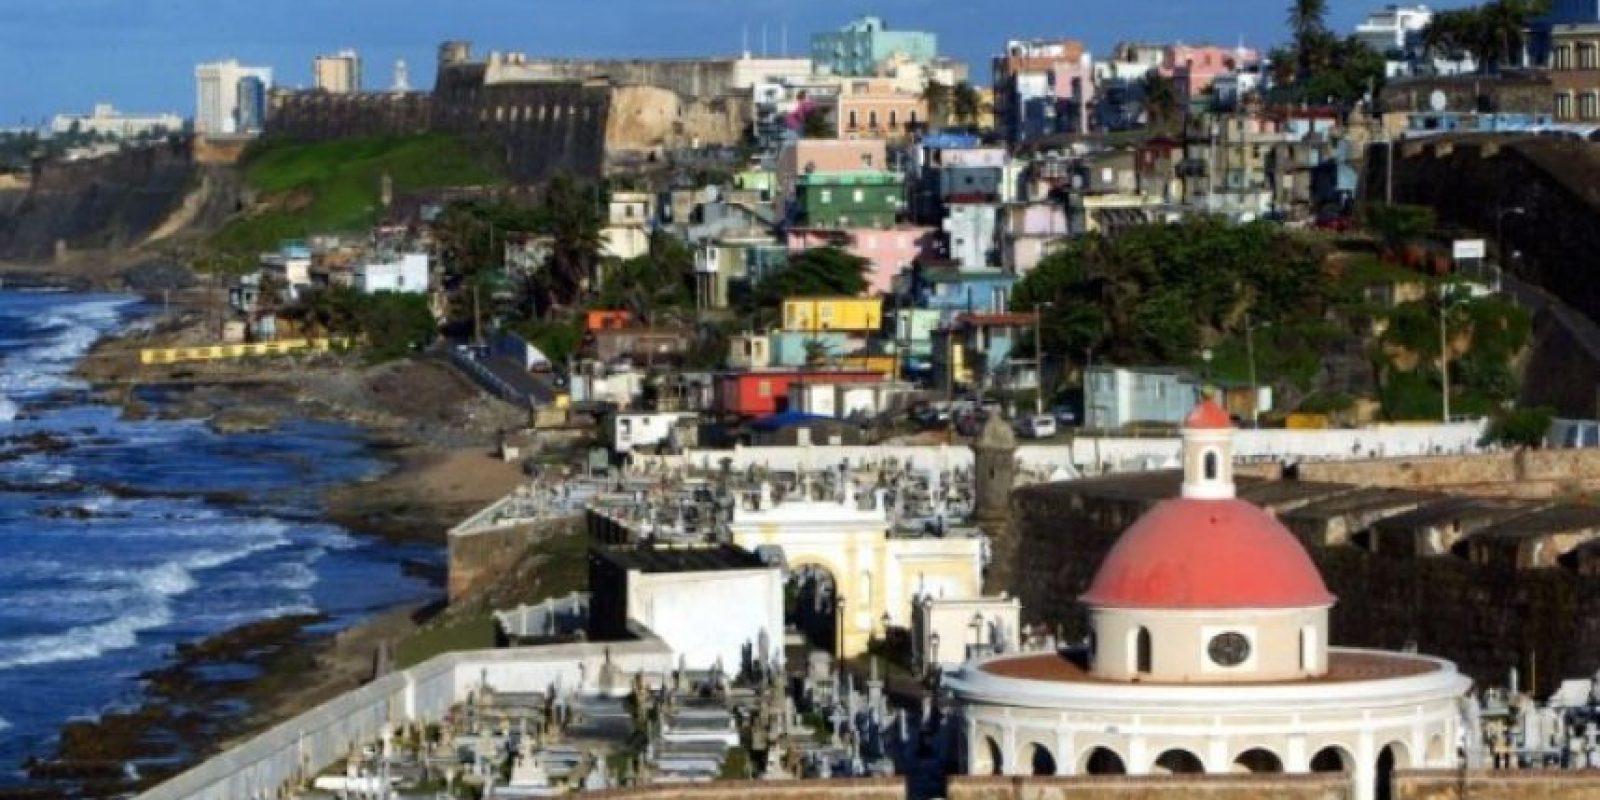 3. Puerto Rico: Se ubica en la posición 35, con una expectativa de vida de 78.5 años Foto:Getty Images